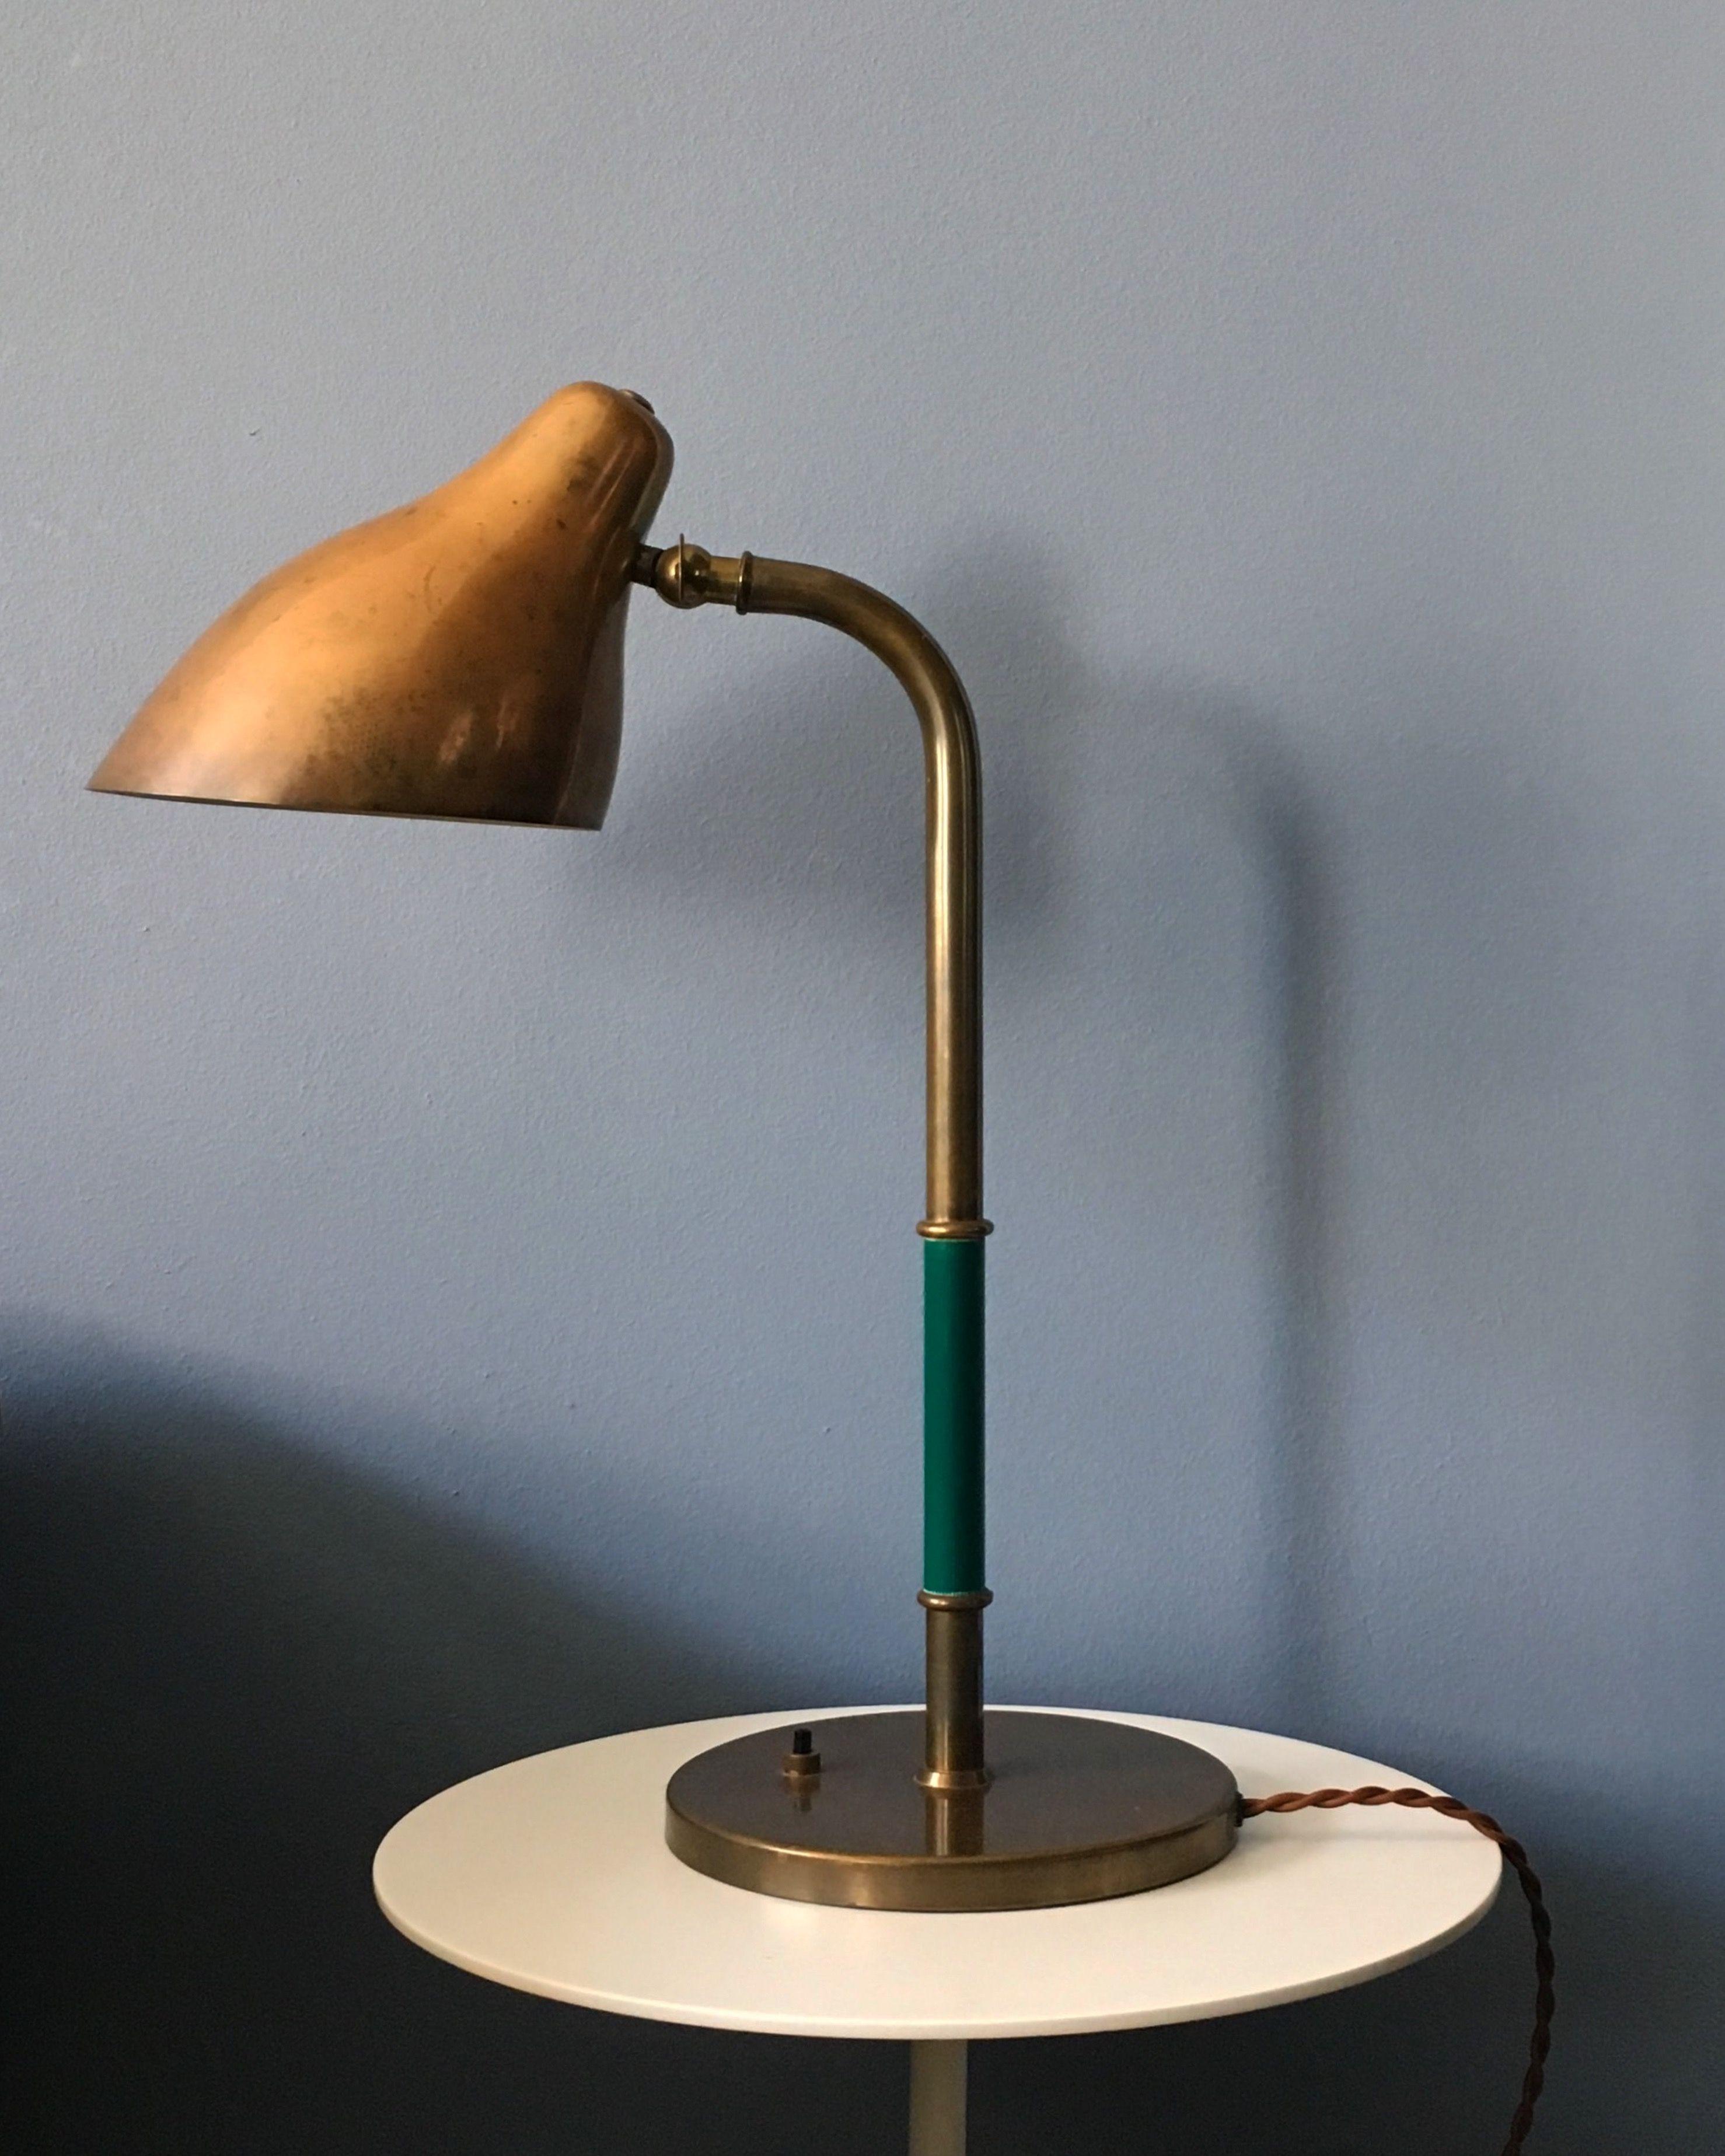 Standerlampe Diablo ~ kaicia.com : Design inspiration til ...